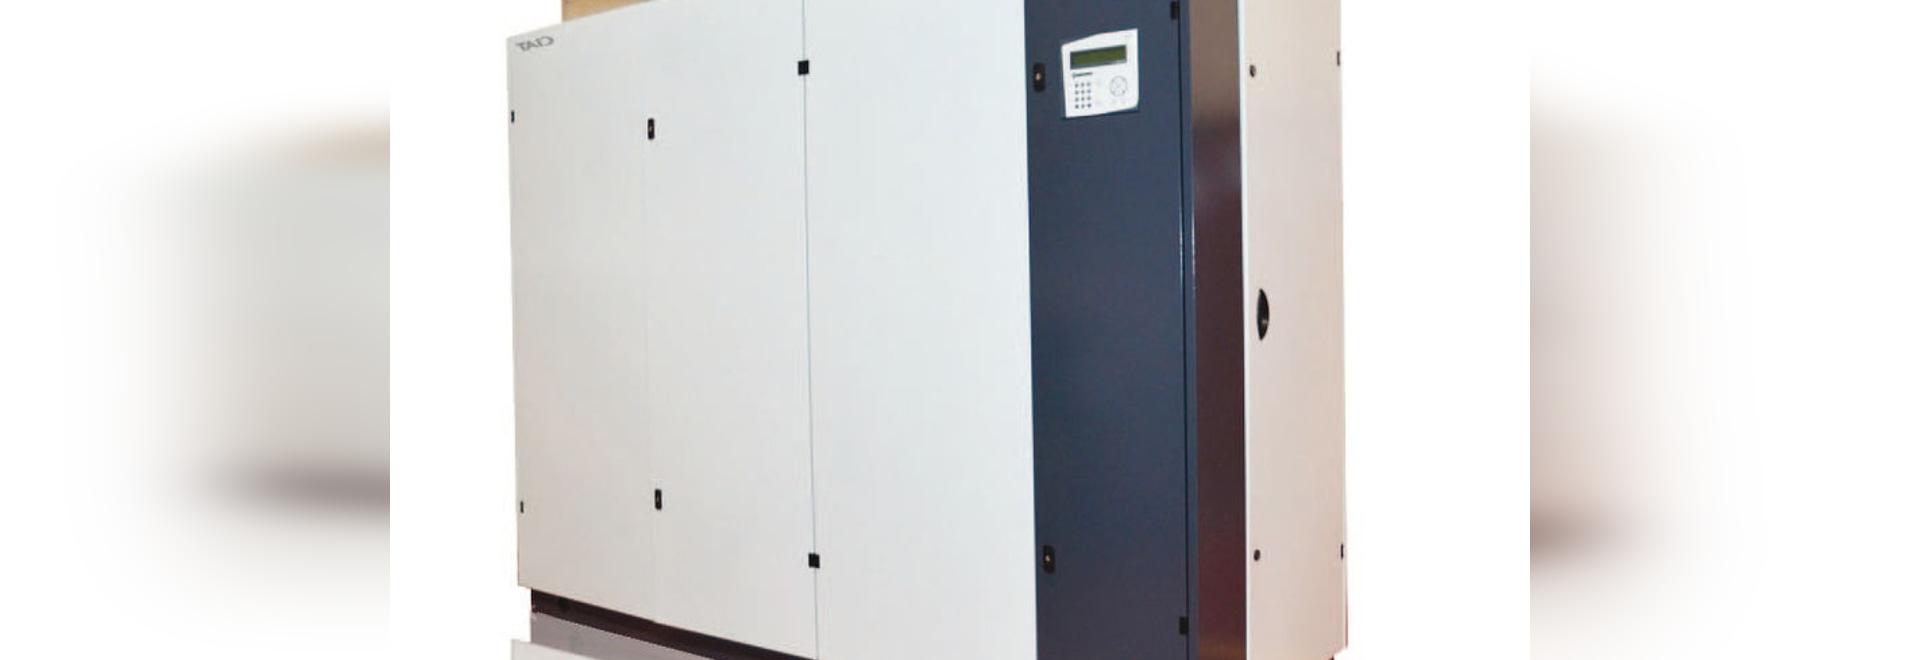 NEU: Bodenmontage-Klimaanlage by CIAT